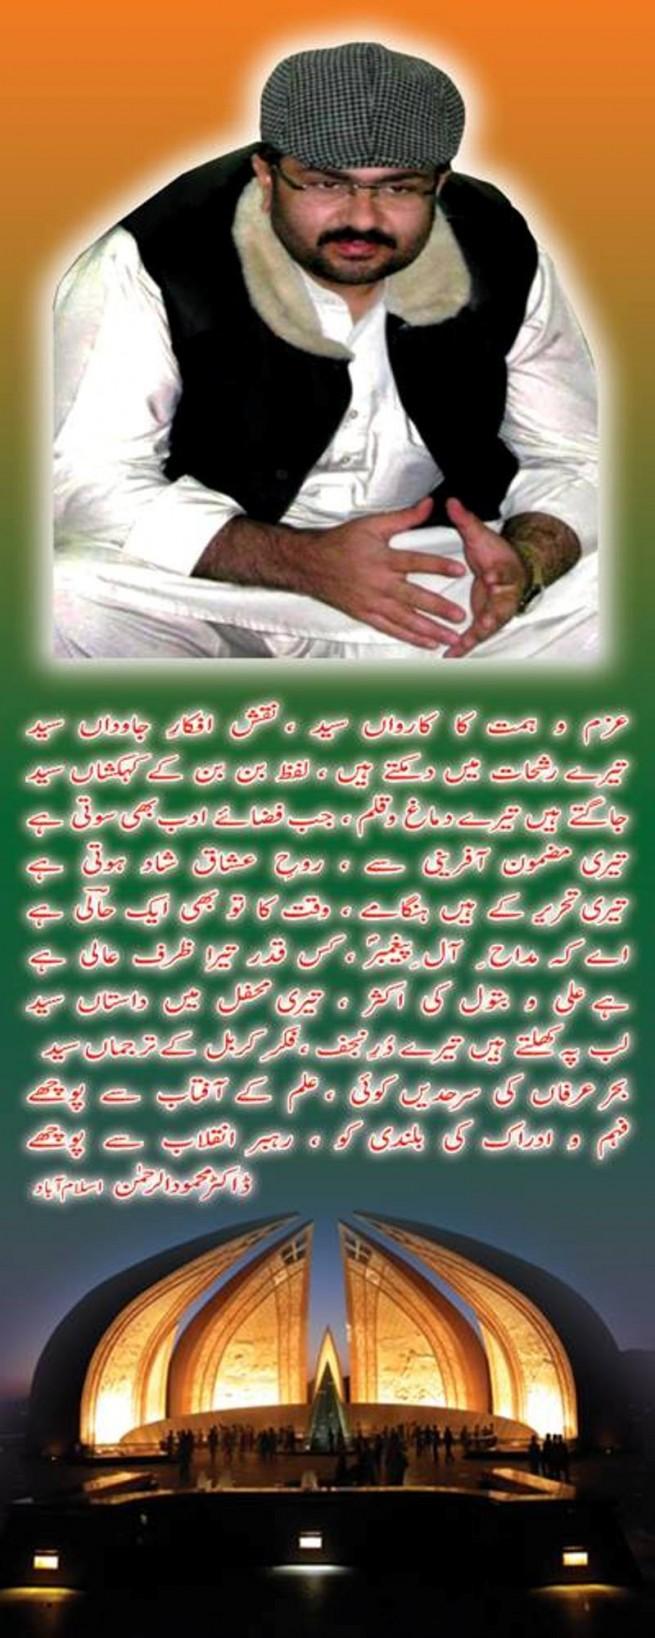 Dr. Mahmood ur Rahman's Encomium